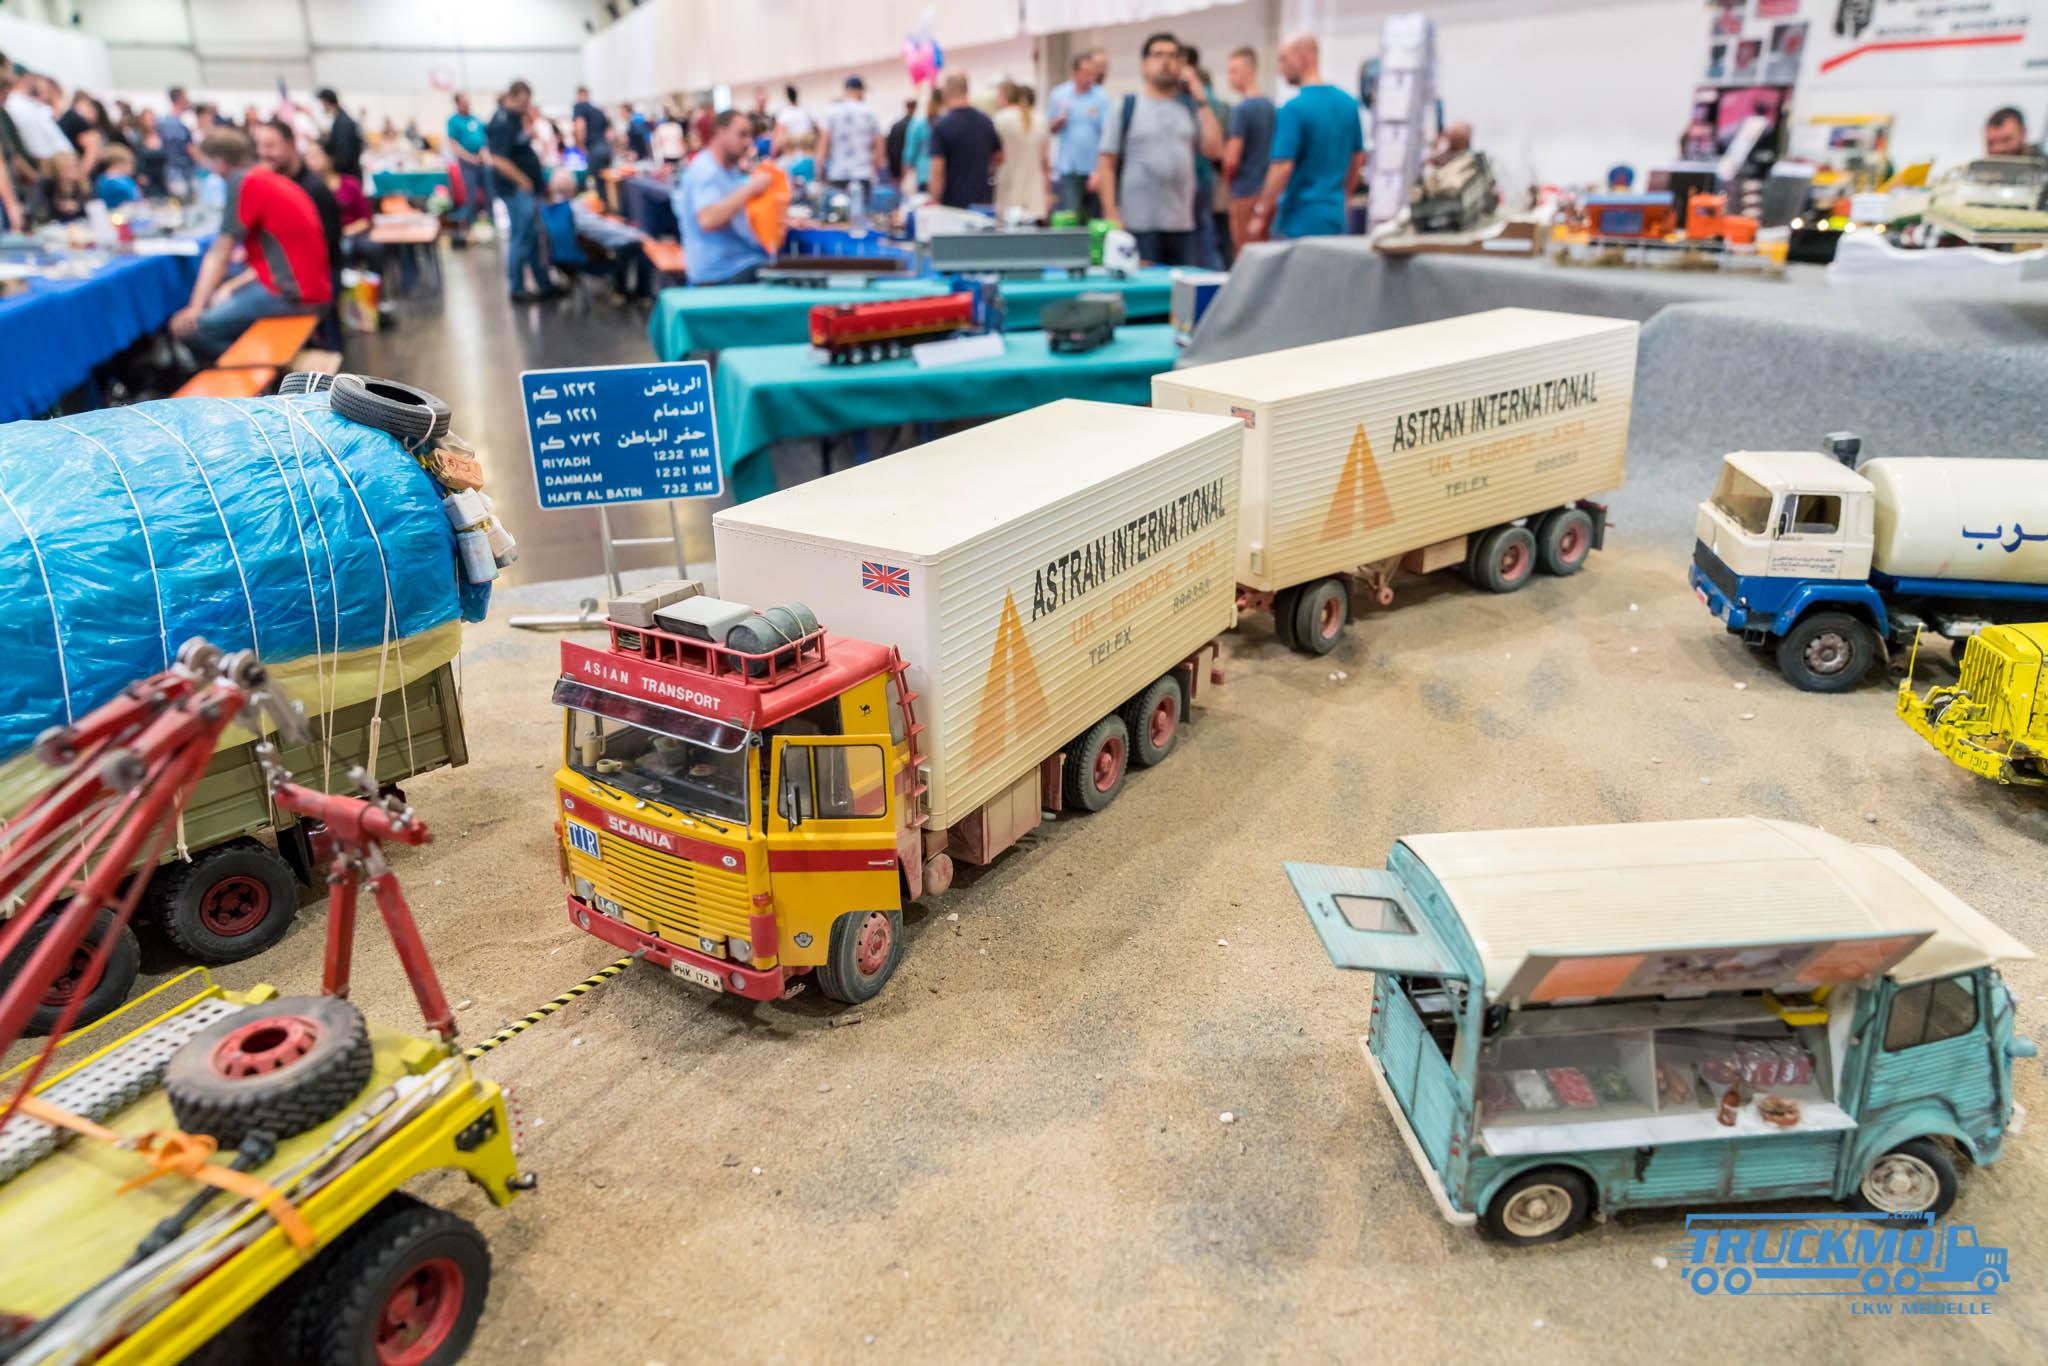 Truckmo_Modellbau_Ried_2017_Herpa_Messe_Modellbauausstellung (428 von 1177)